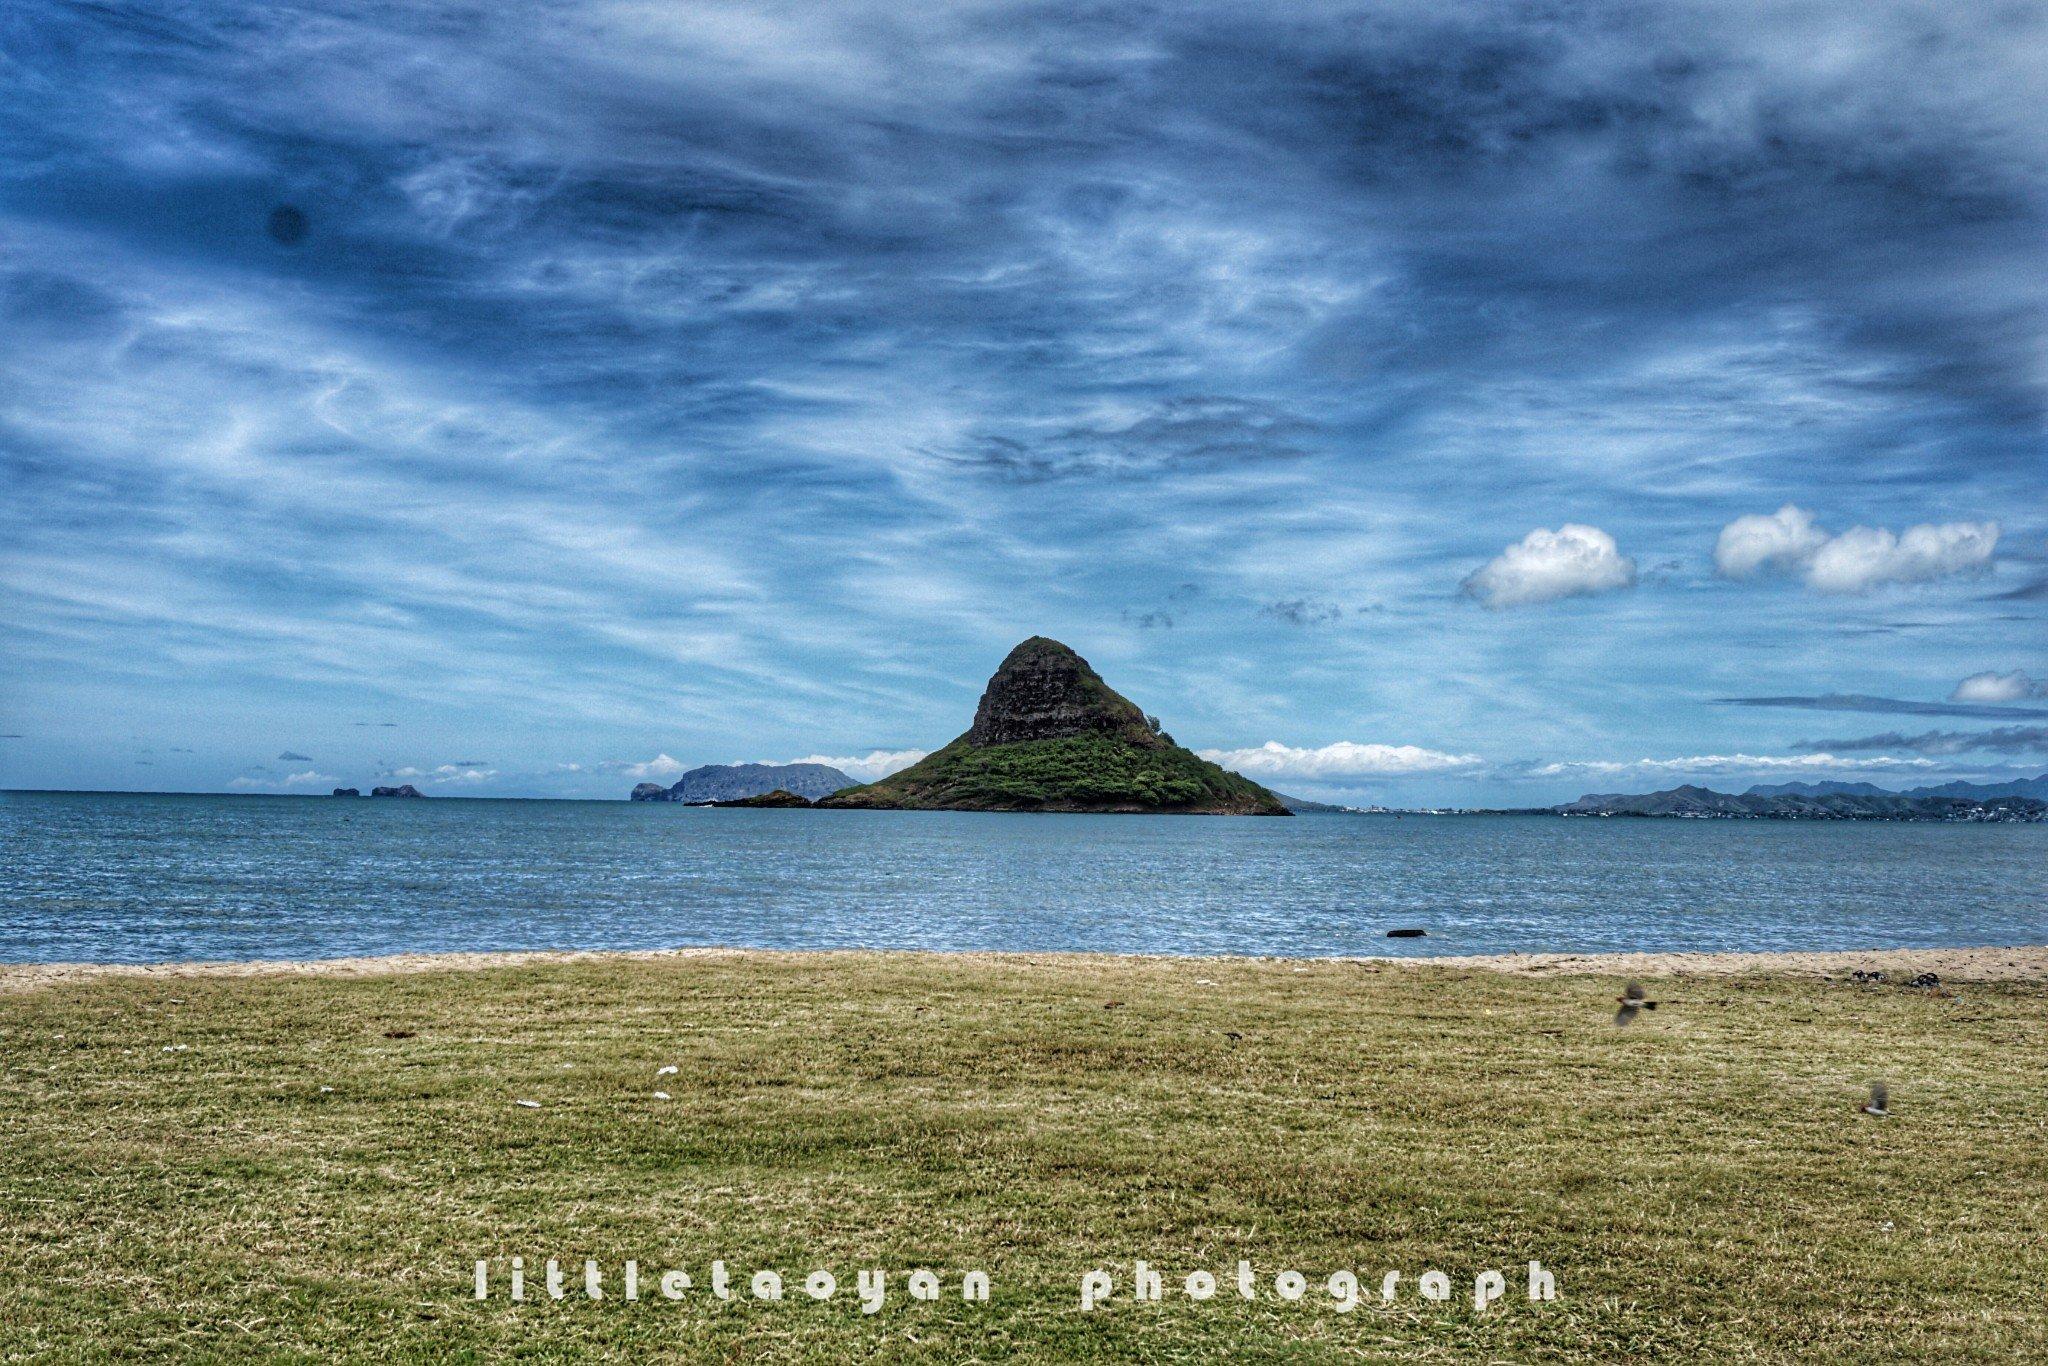 夏威夷『彩虹岛屿的初夏之旅』